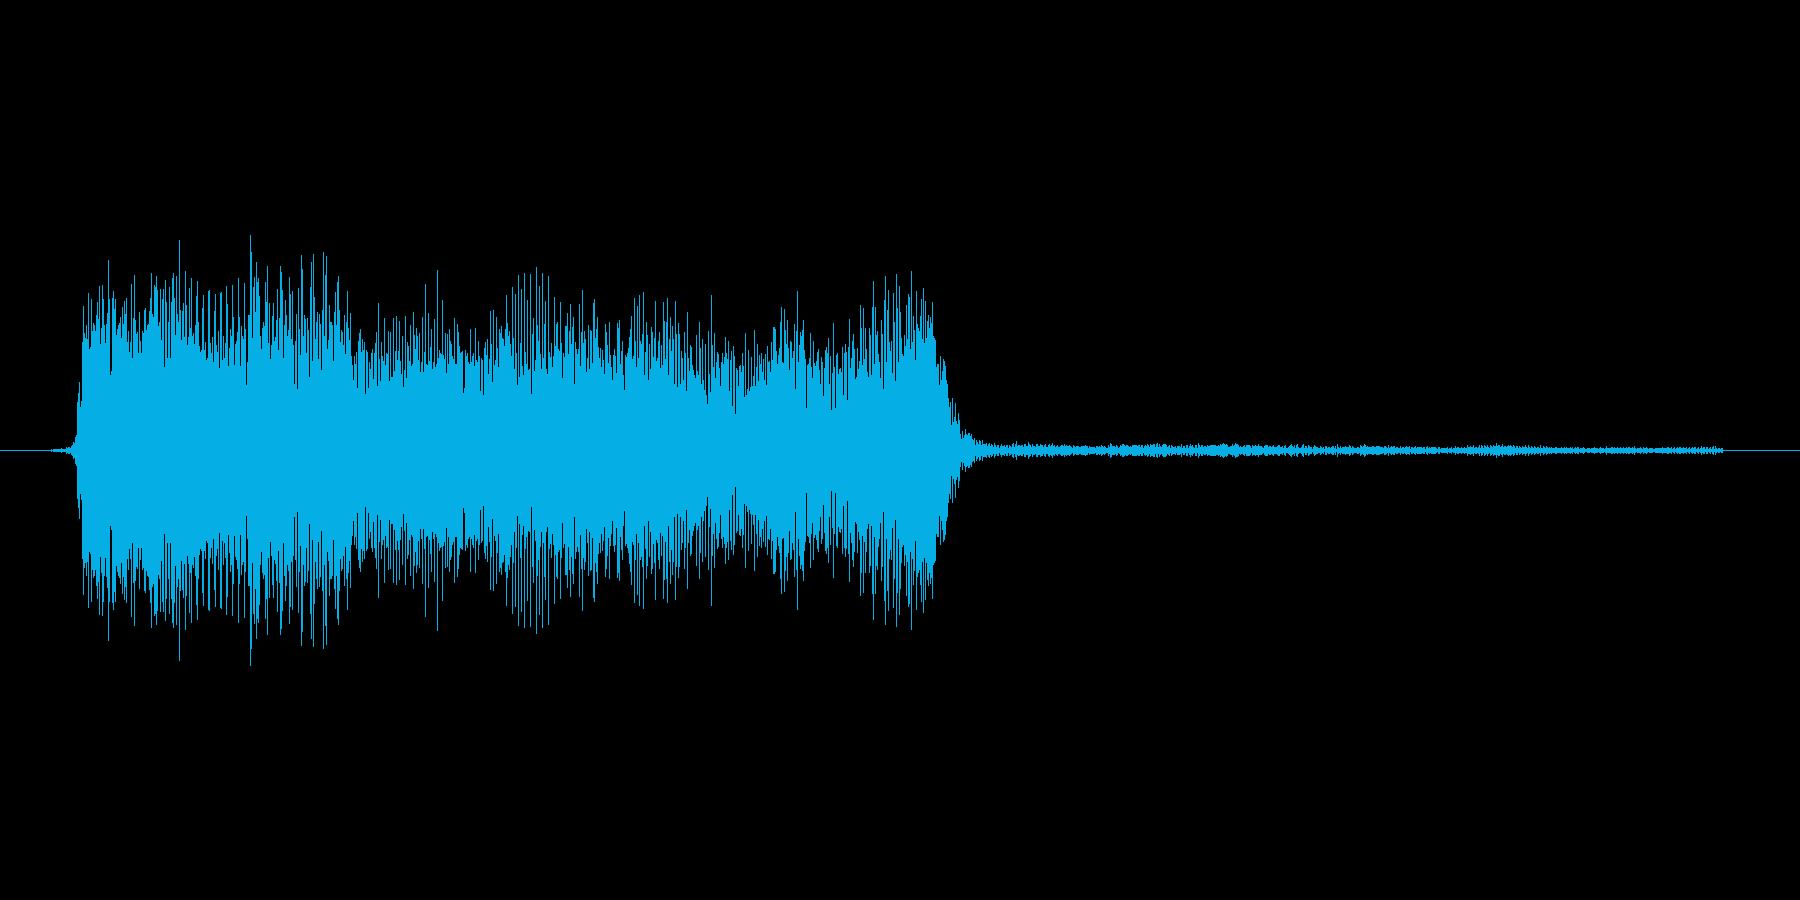 ゲーム、クイズ(ピンポン音)_010の再生済みの波形